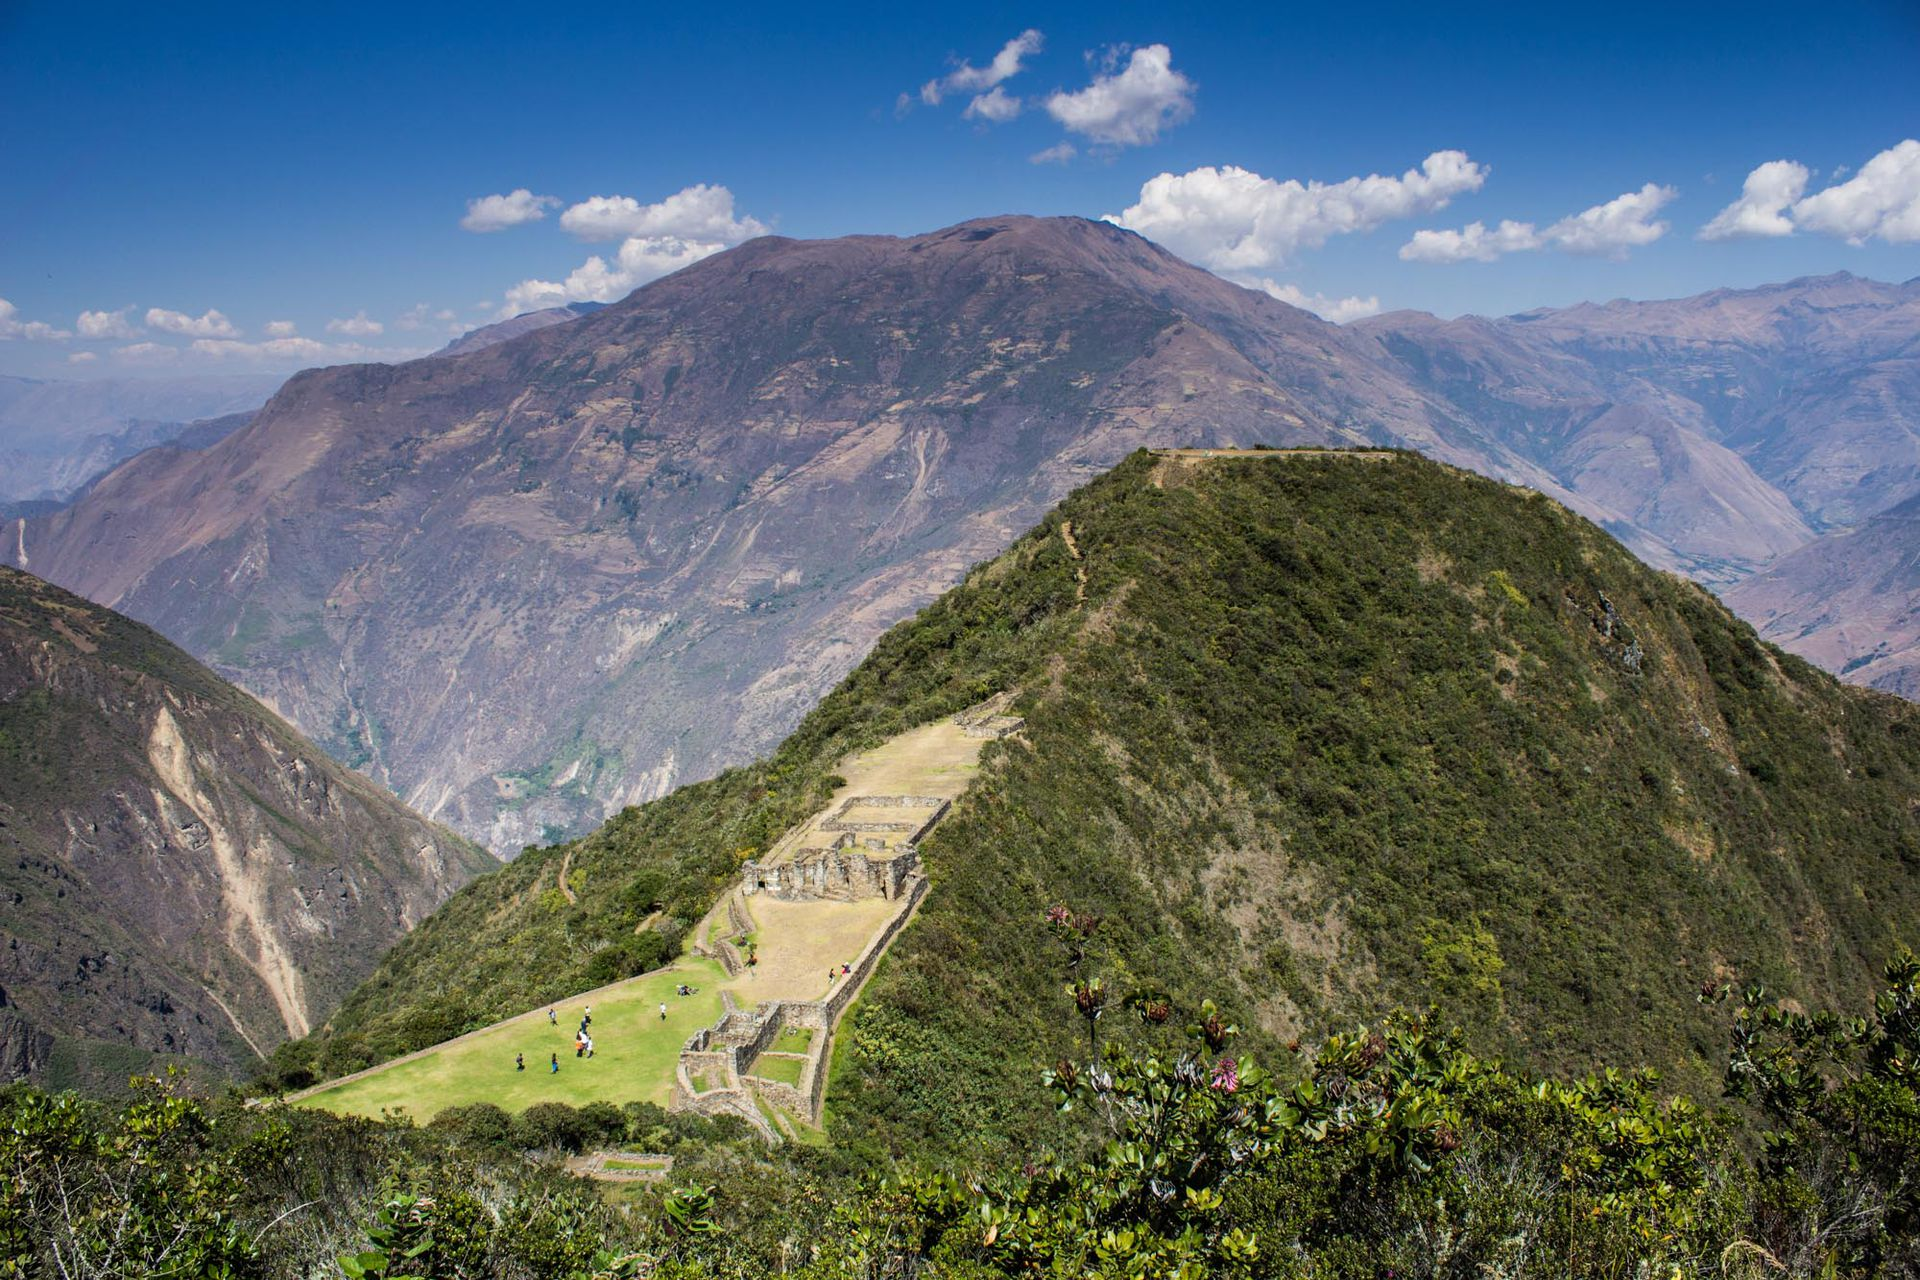 La ciudadela inmersa en la montaña. Foto: Luis Agote